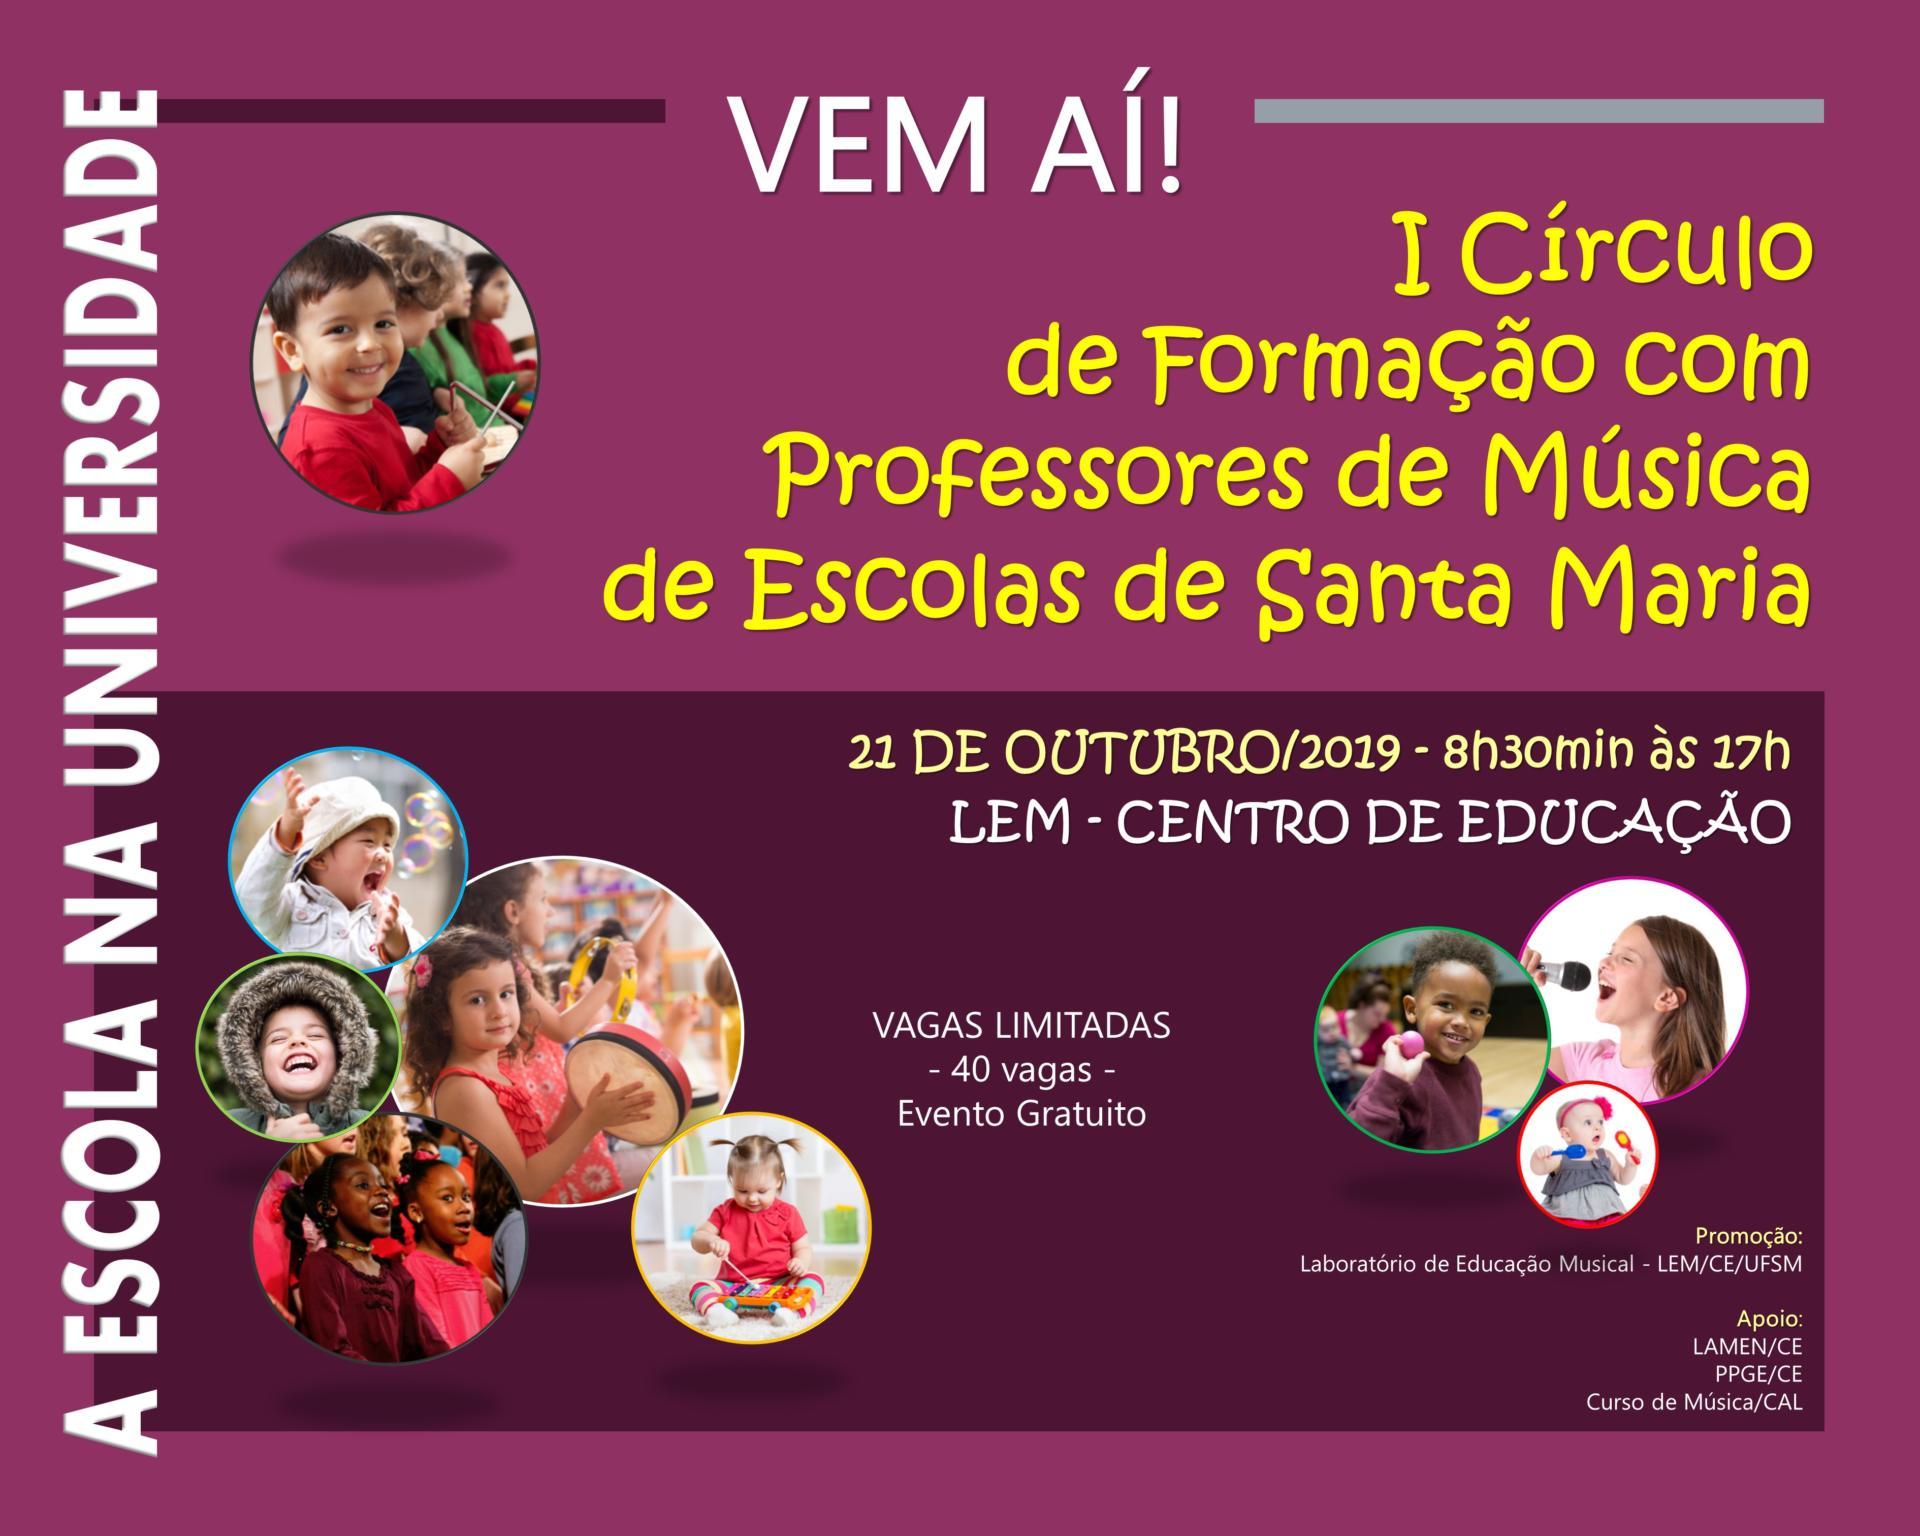 Arte em tons de rosa, branco e amarelo com informações sobre o evento e pequenas fotos de crianças e instrumentos